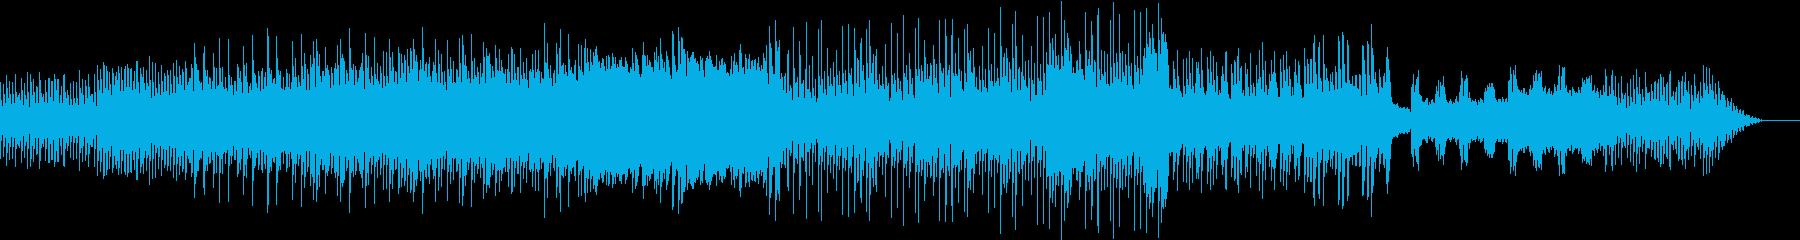 凶敵の再生済みの波形